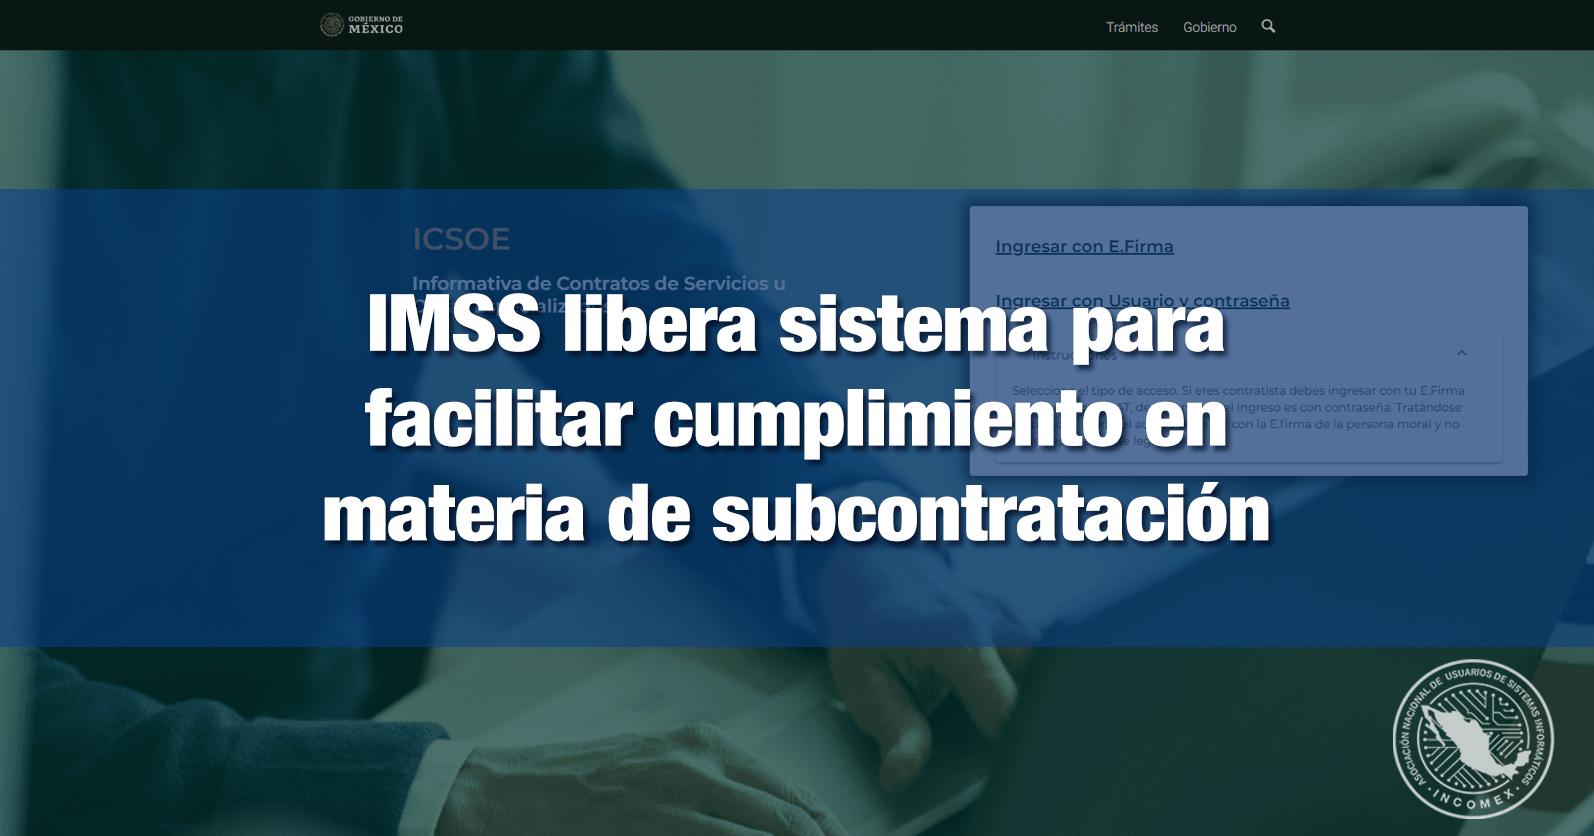 IMSS libera sistema para facilitar cumplimiento en materia de subcontratación